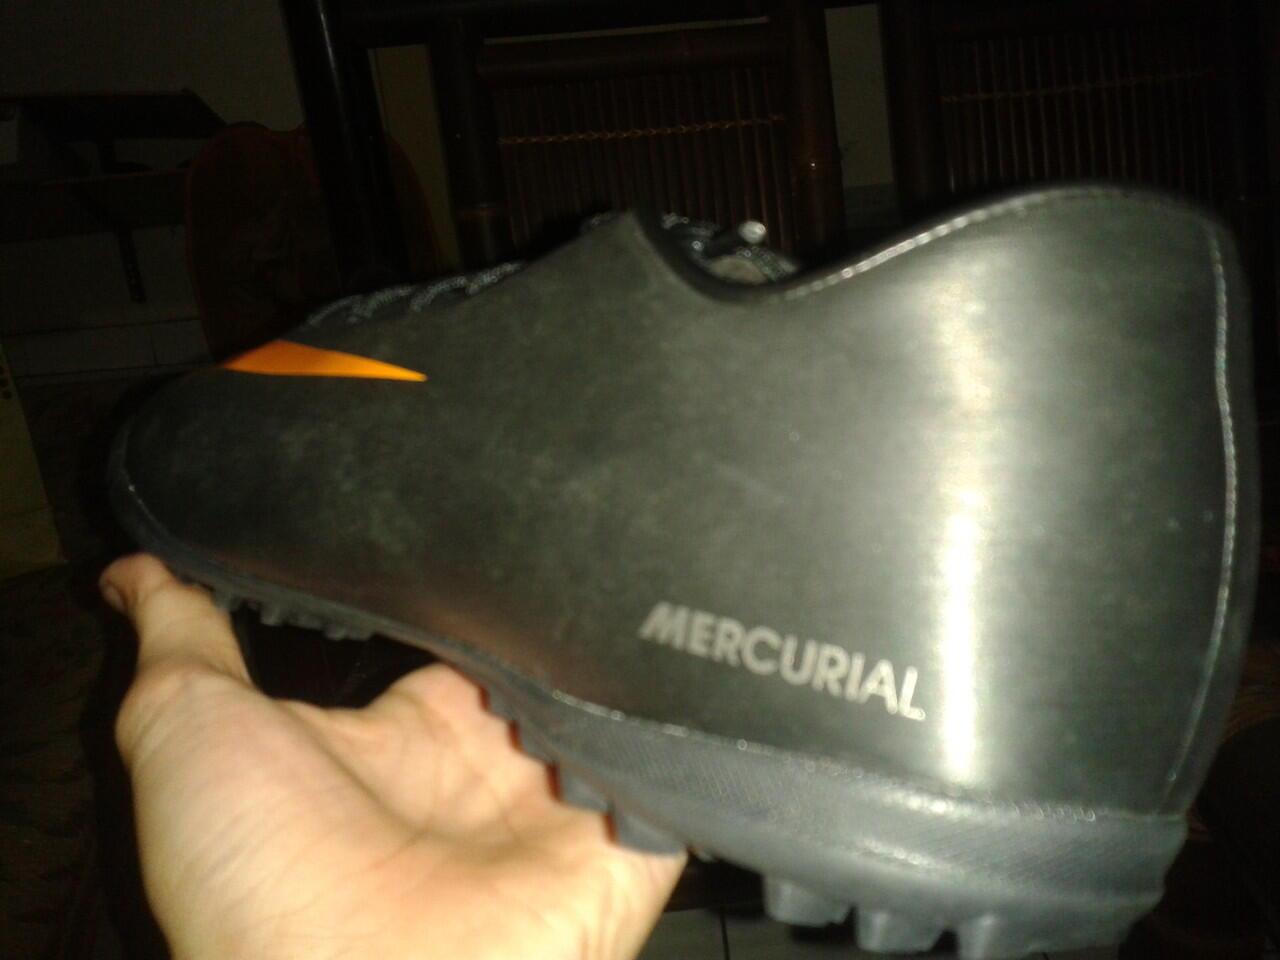 Nike Mercurial Black Volt turf Original (Dijual Cepat)